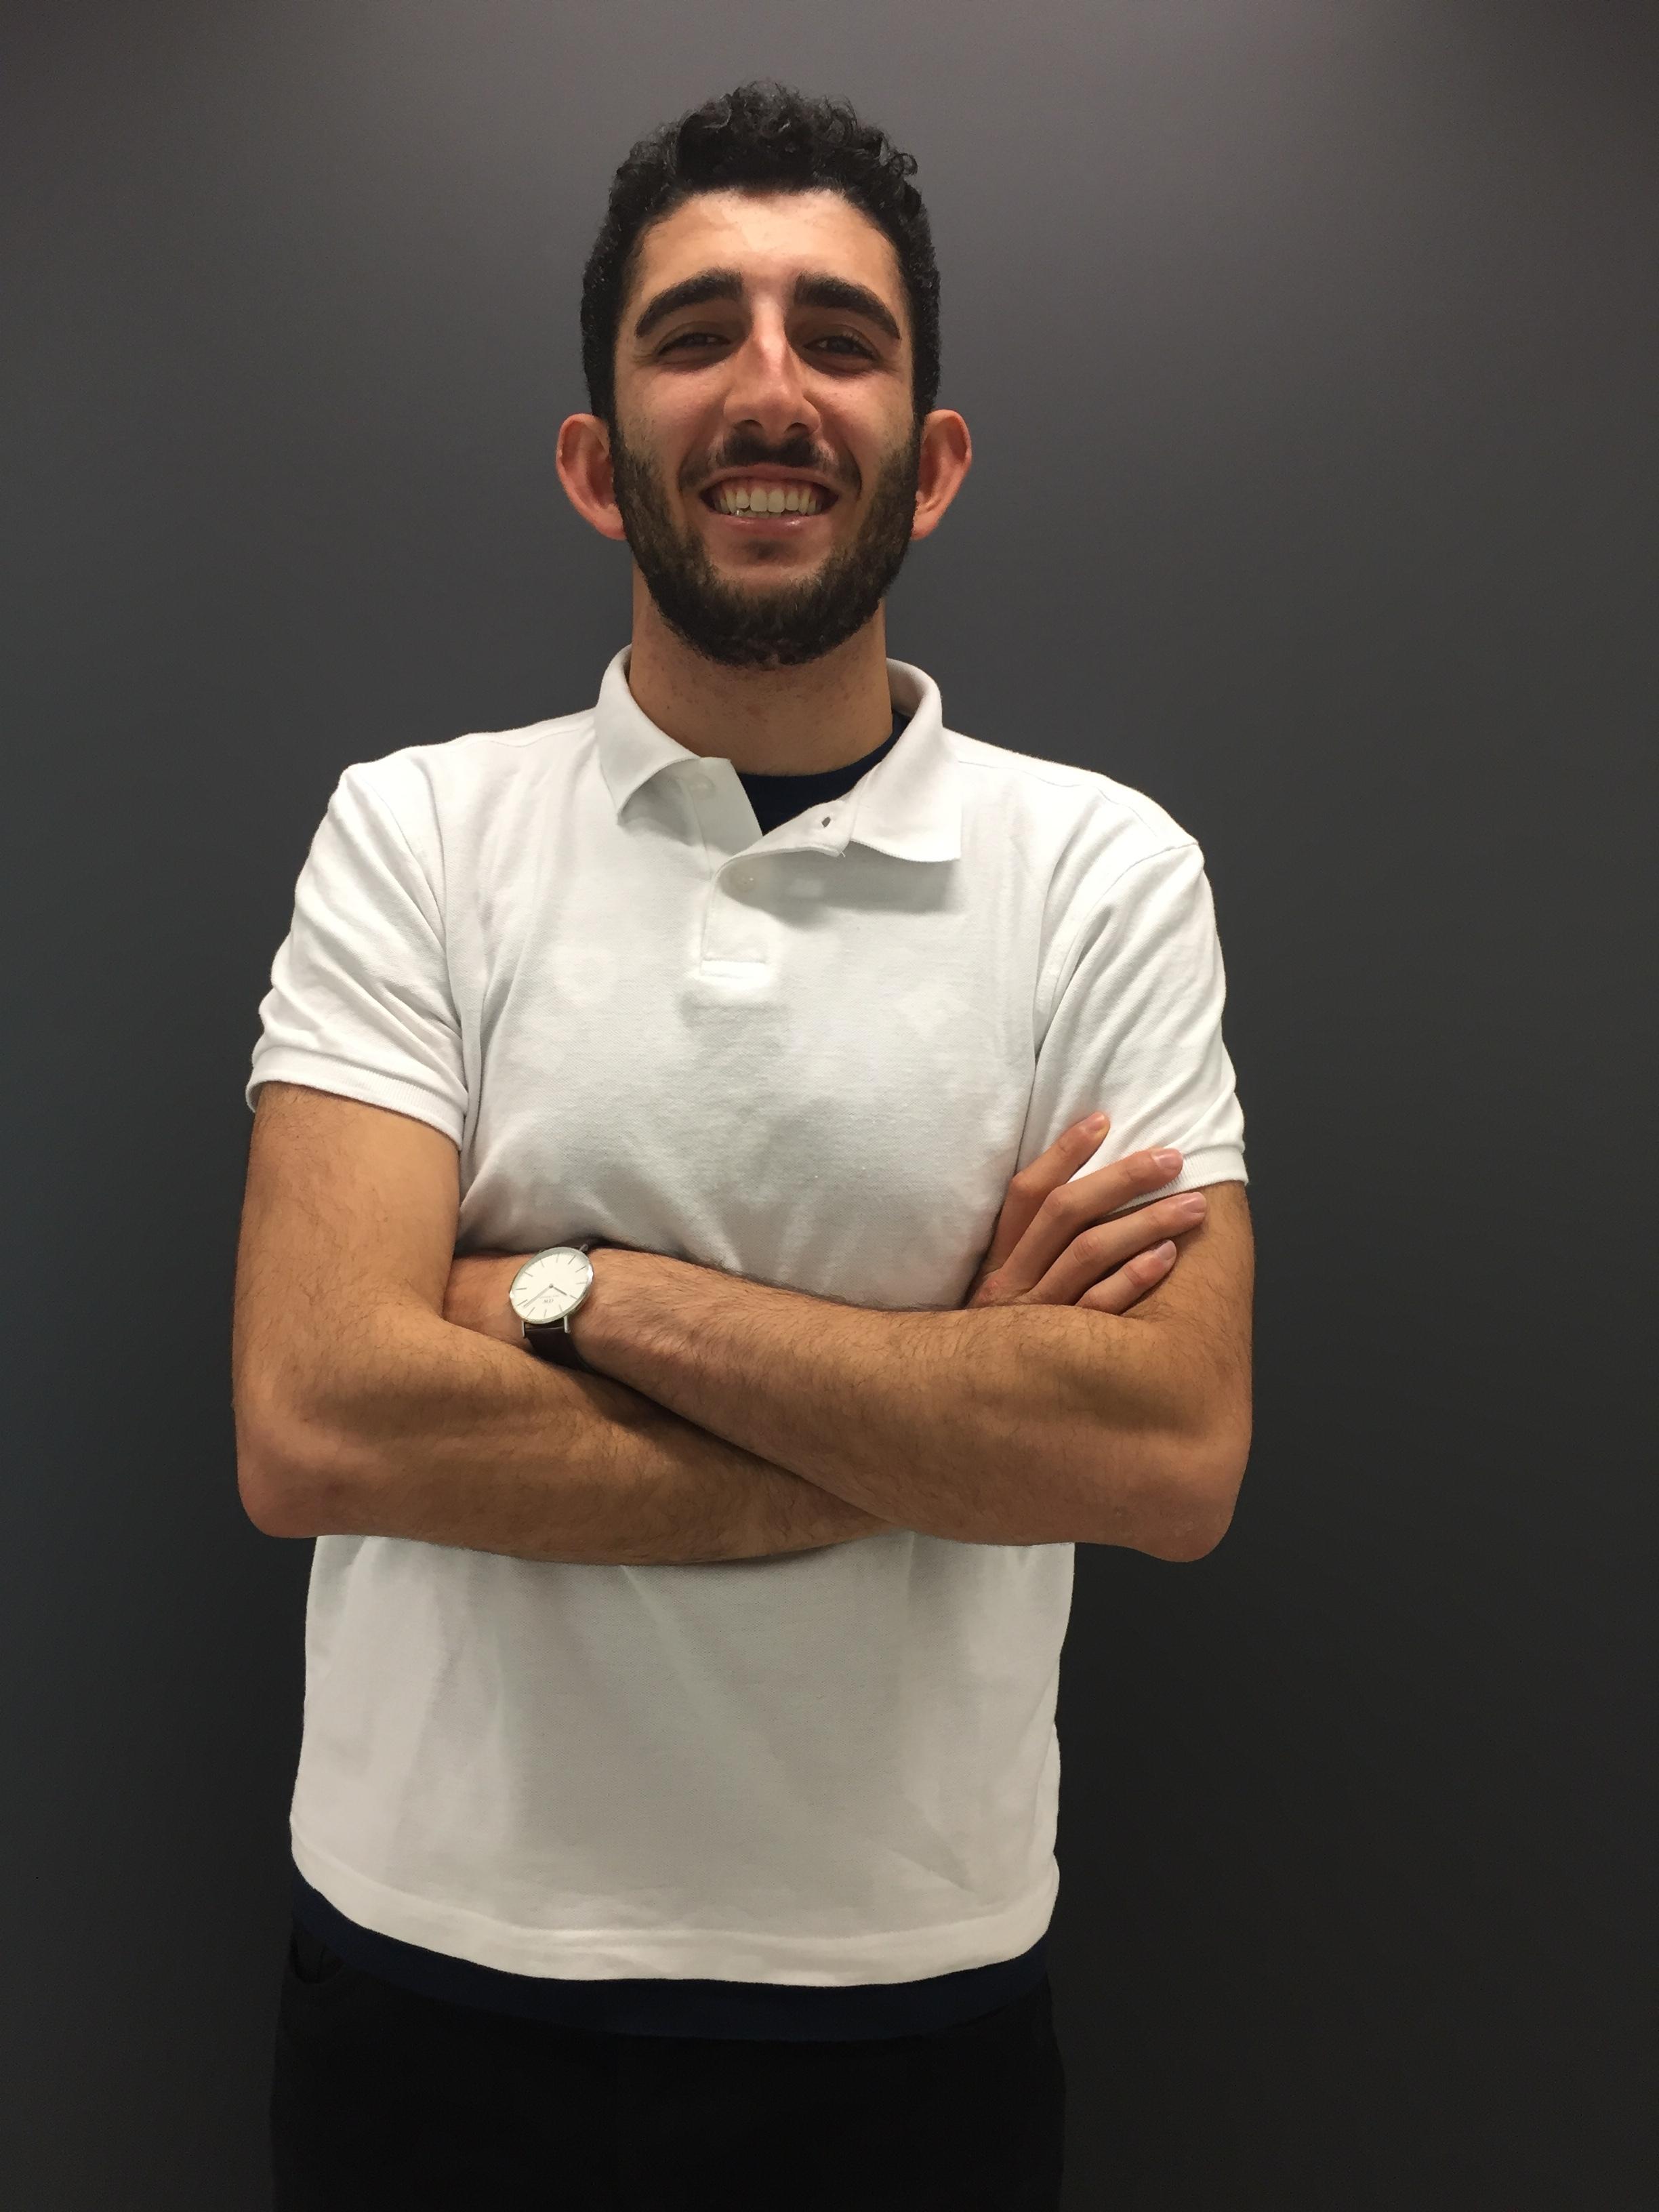 Amir Hoseini